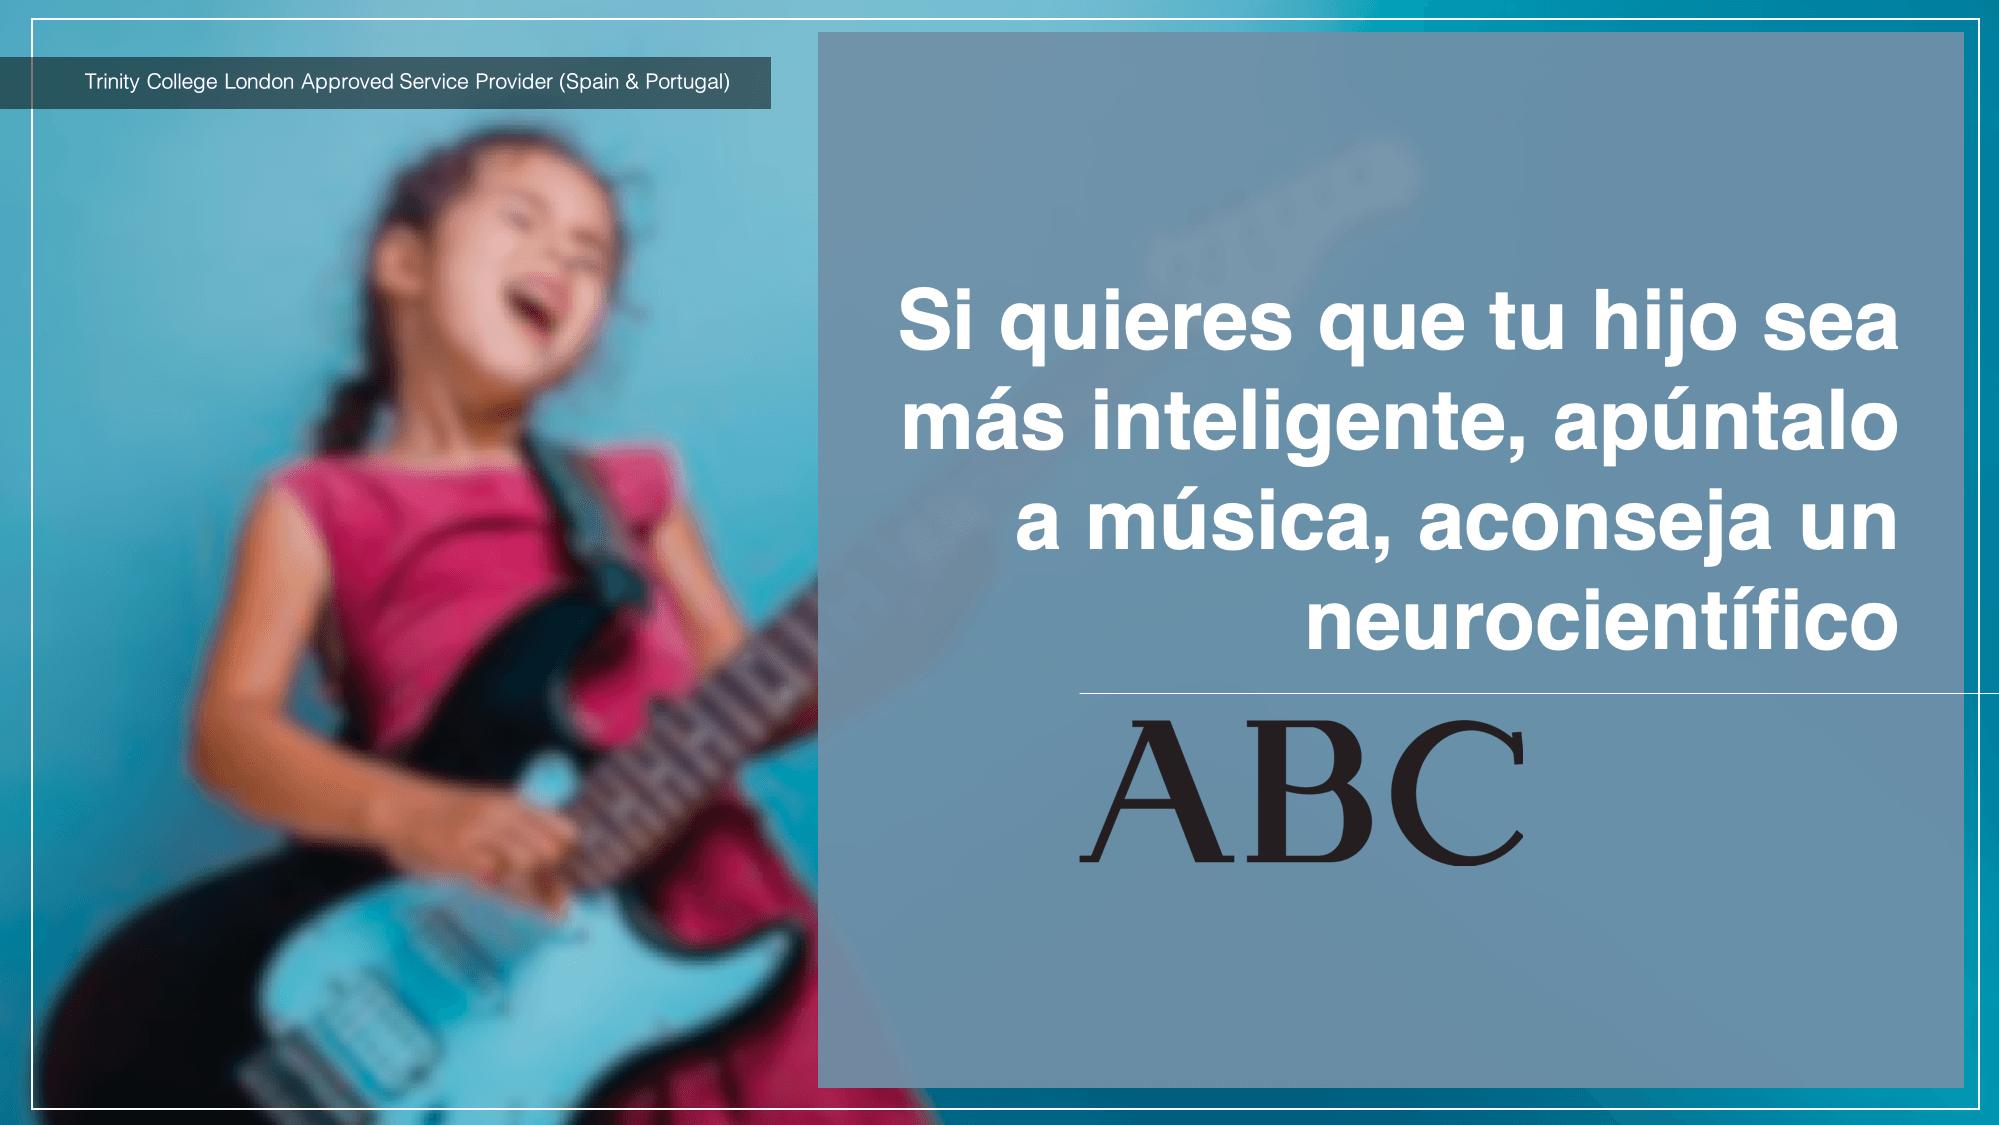 Si quieres que tu hijo sea más inteligente, apúntalo a música Diario ABC